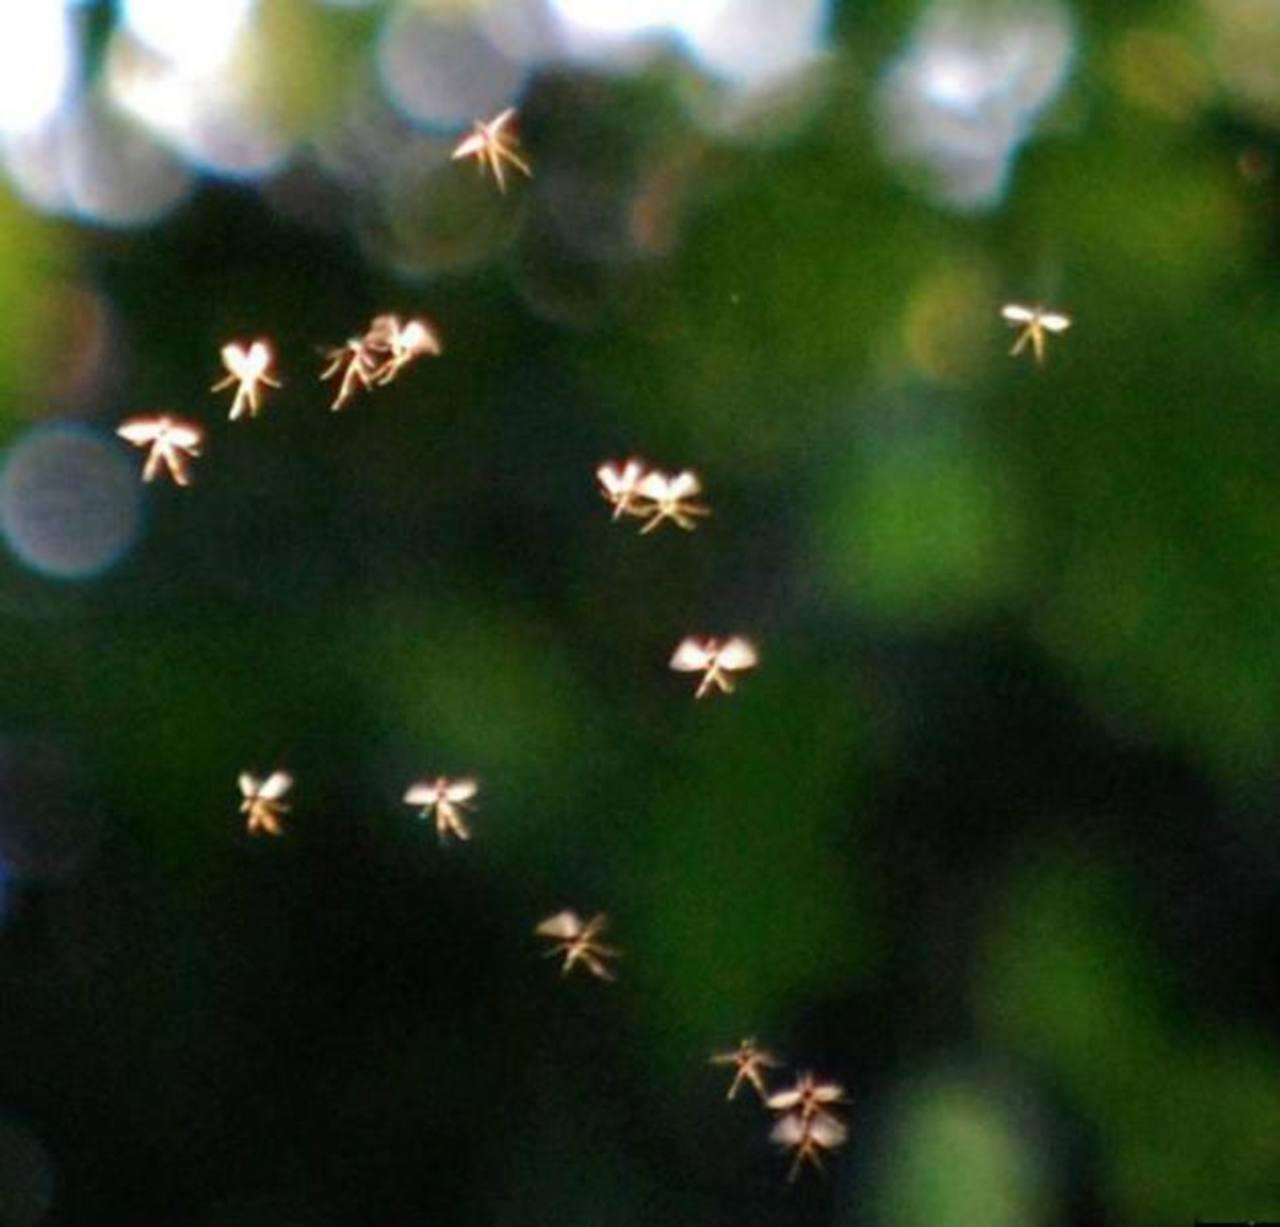 ¿Campanita?, captan en foto diminutas figuras voladoras con apariencia humana